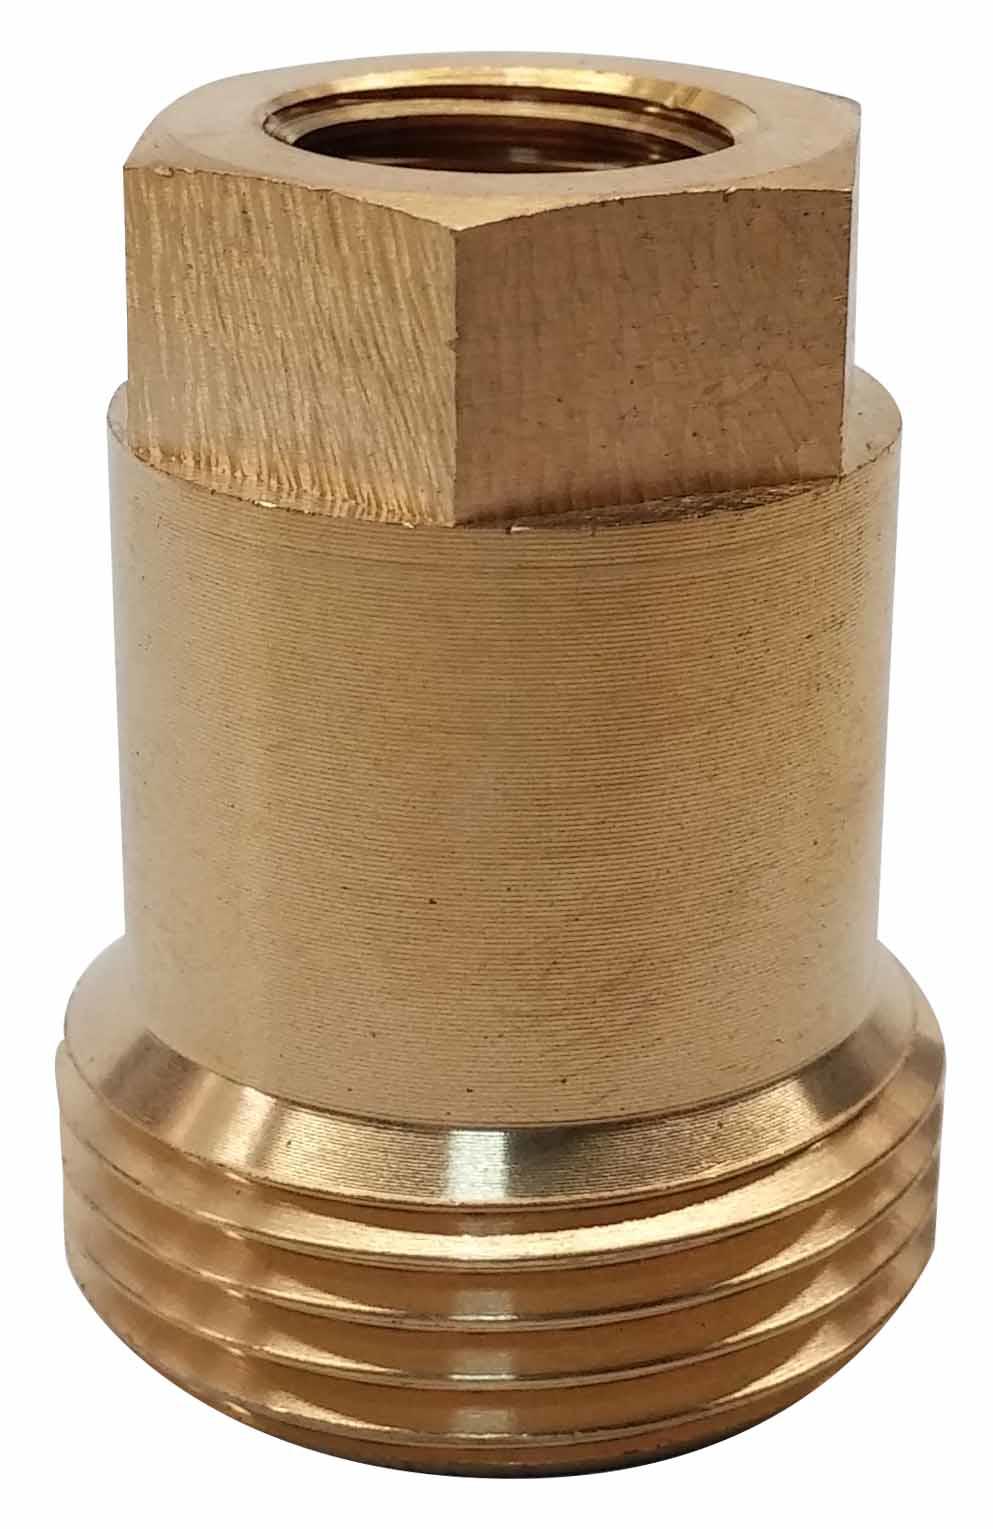 Einschraubteil Messing 25 CFB 90 3/4